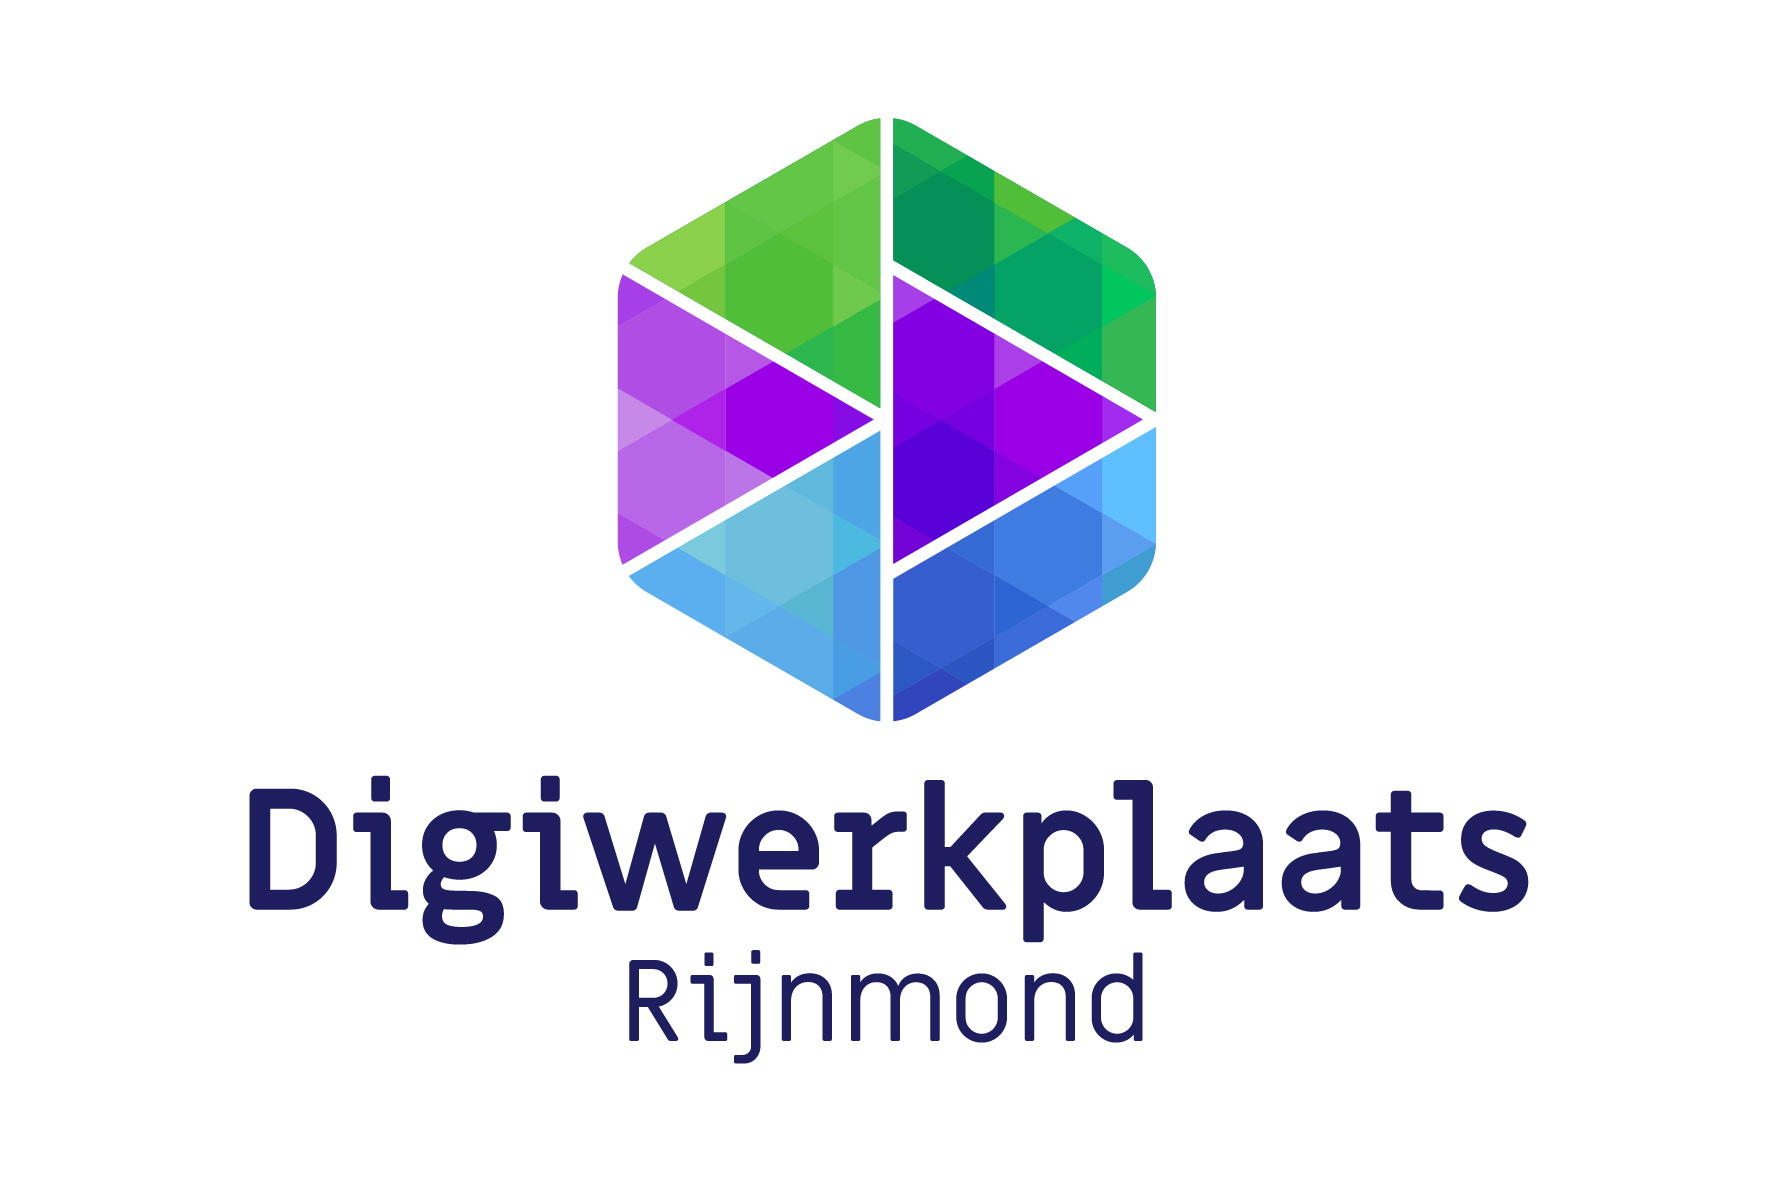 Digiwerkplaats Rijnmond